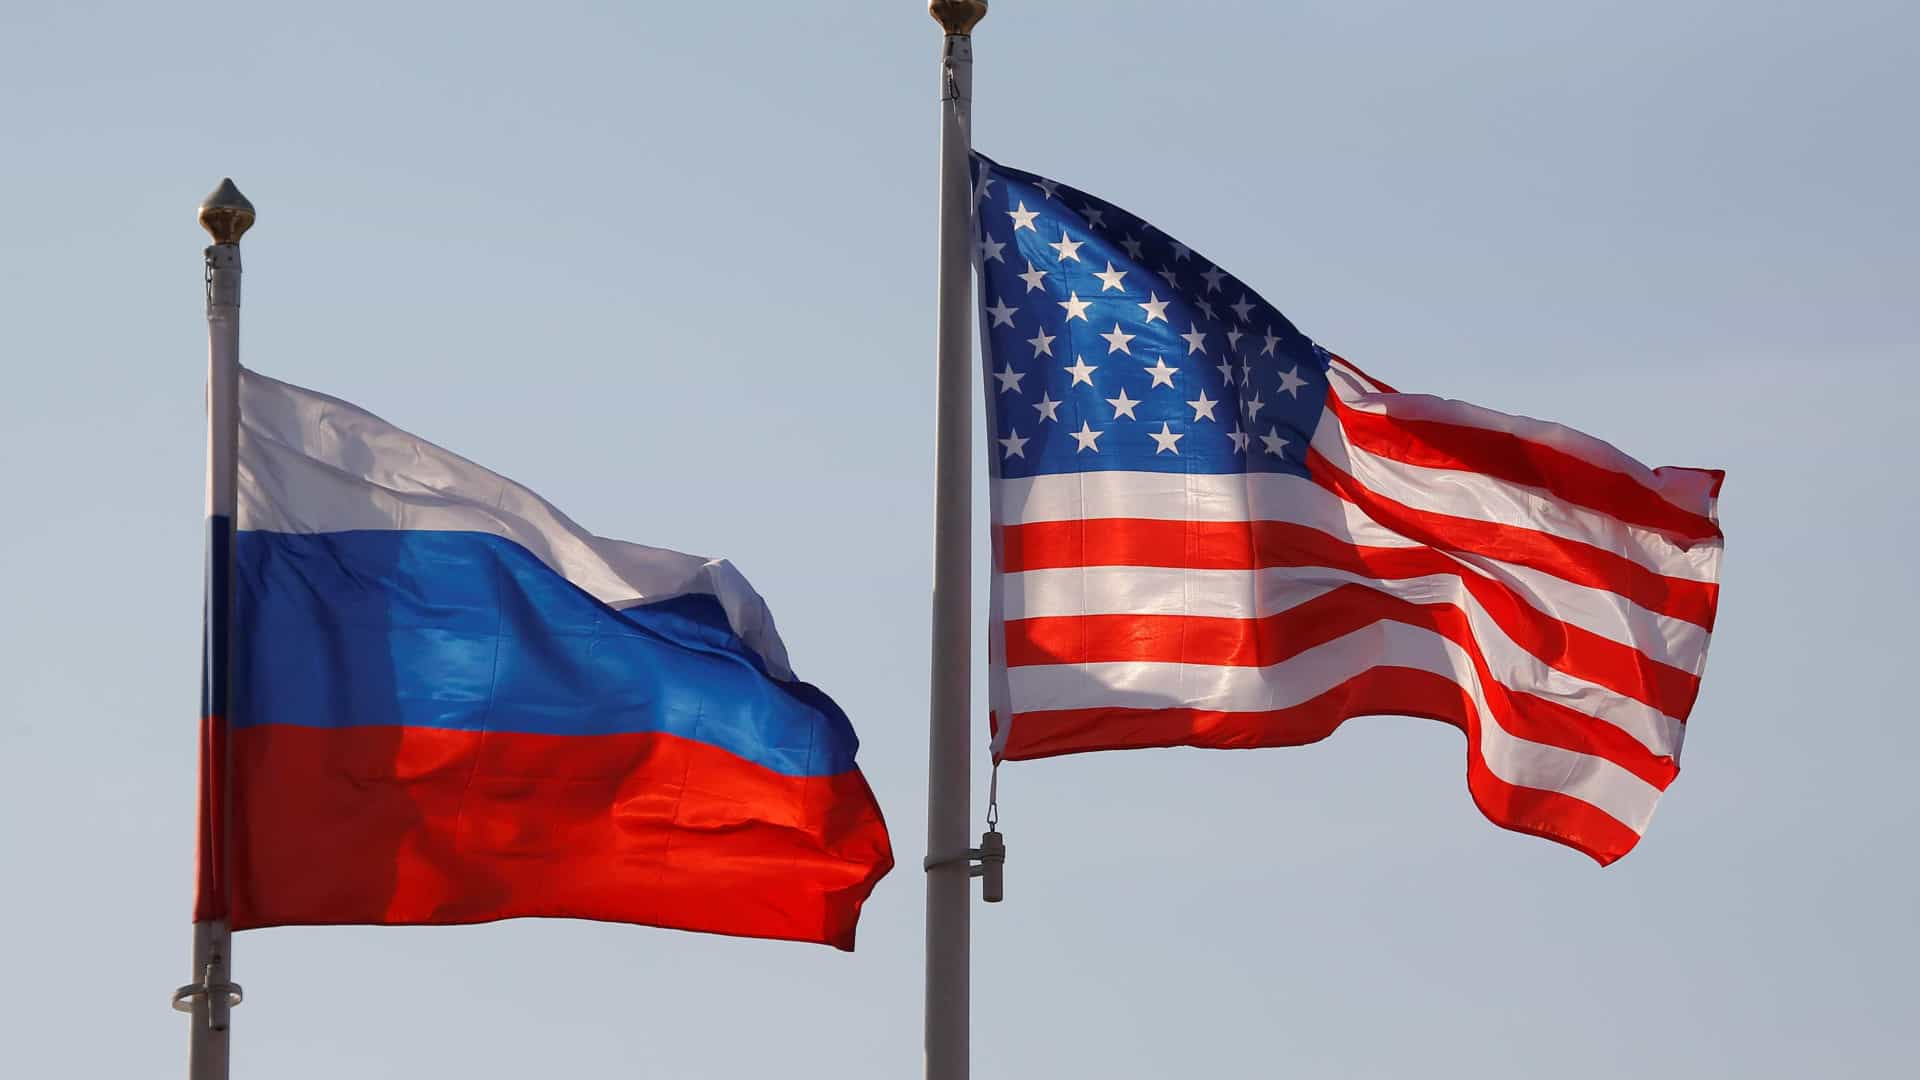 Russos atacaram empresa de software nas eleições presidenciais nos EUA